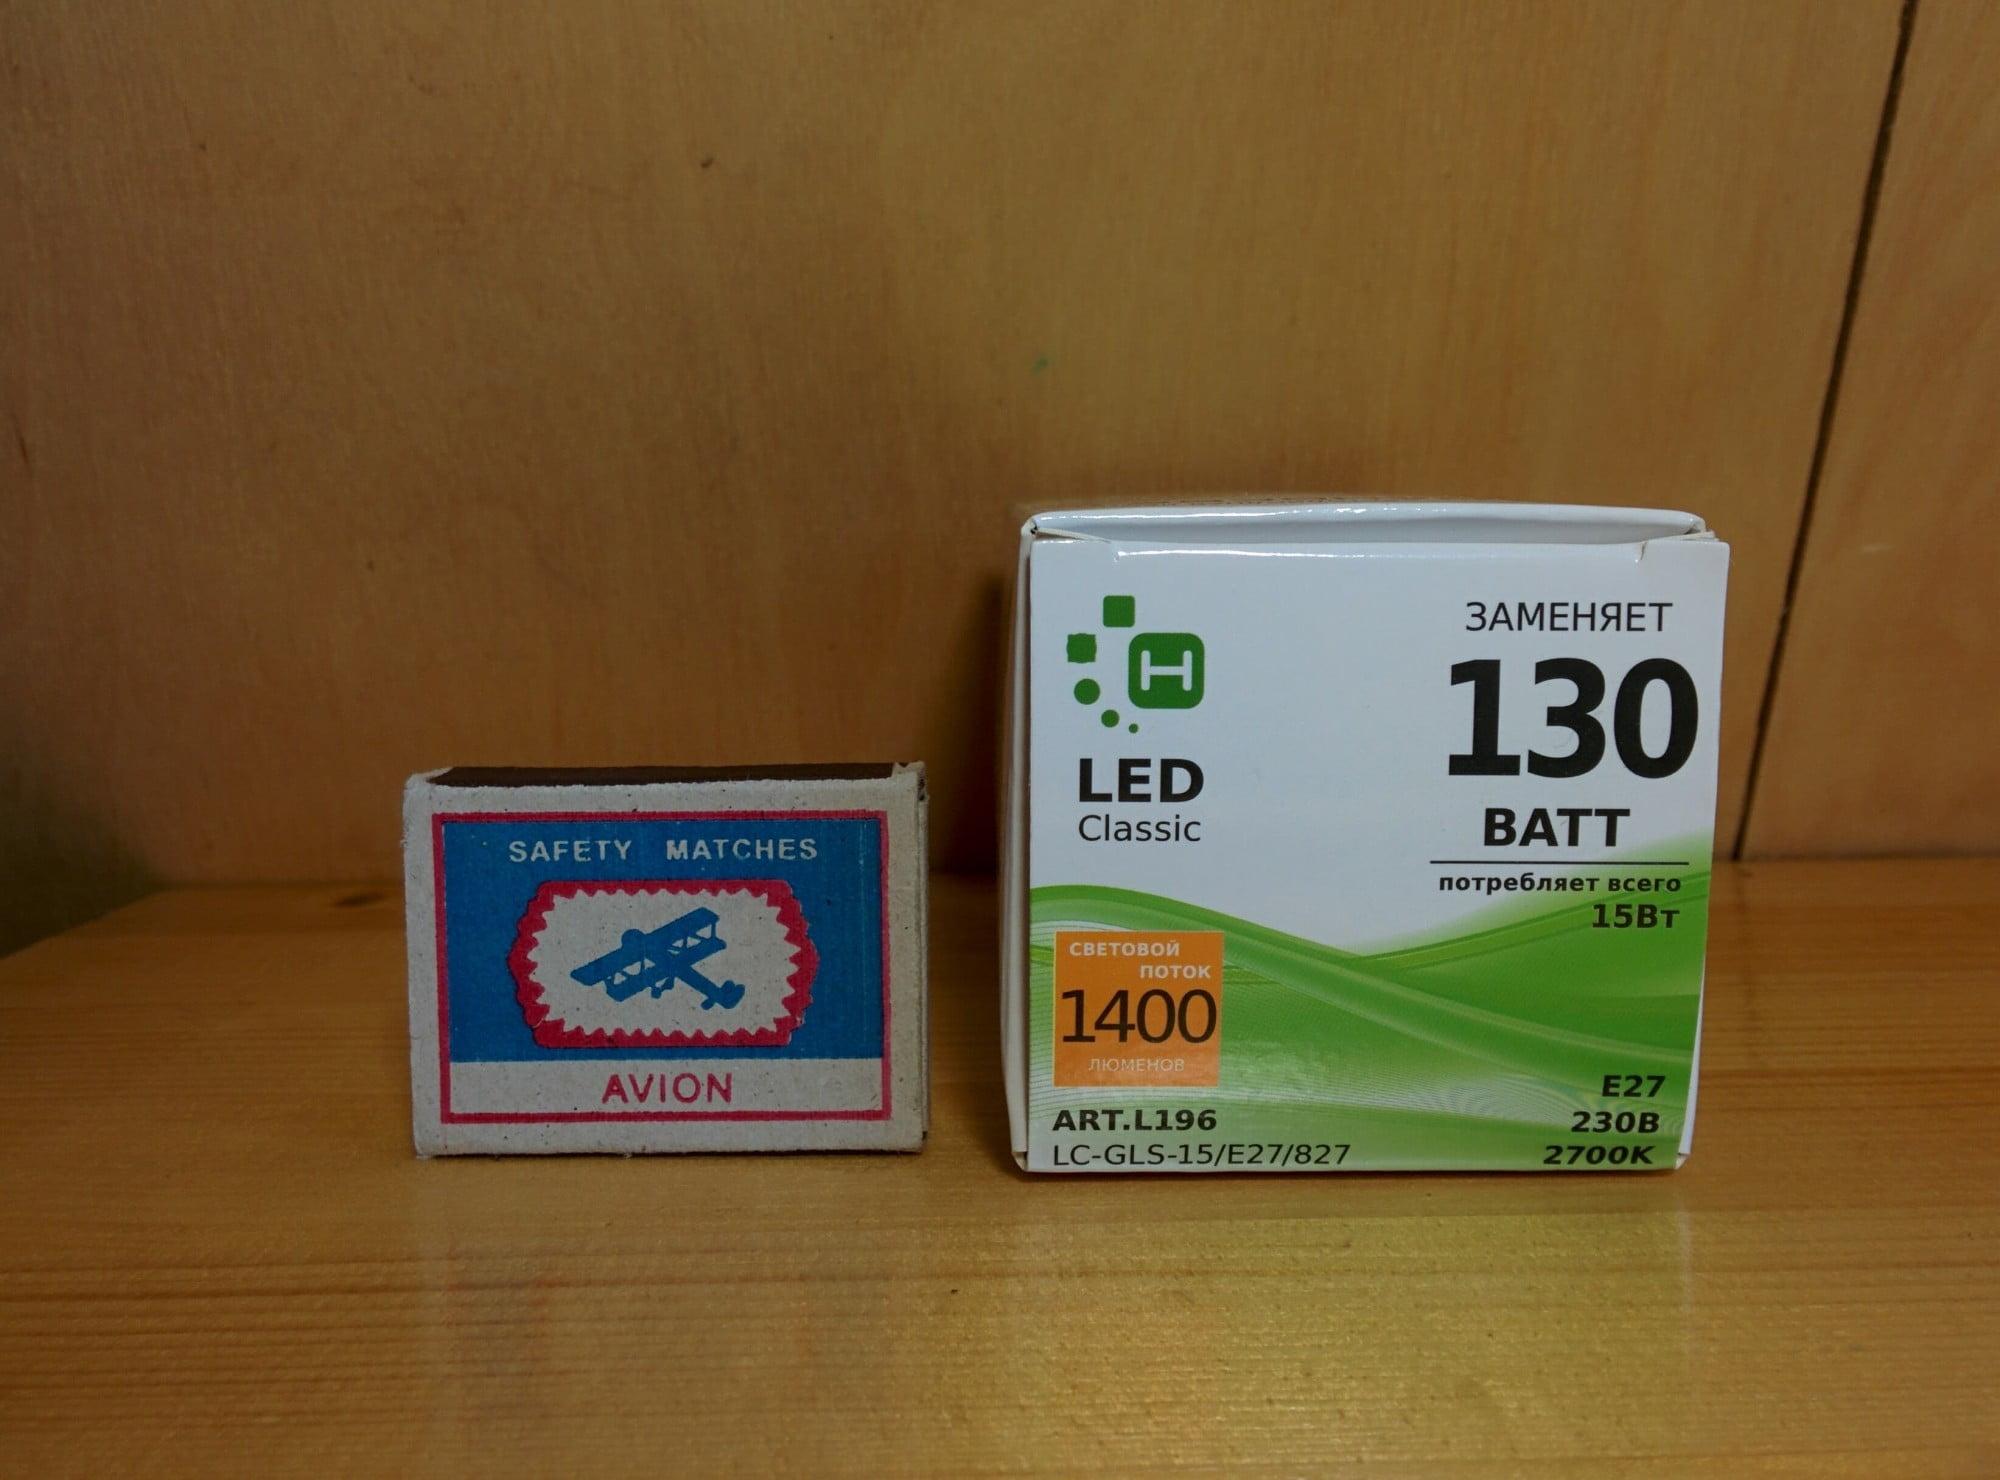 Светодиодная лампа НАНОСВЕТ LC-GLS-15/E27/840 арт. L197 характеристики